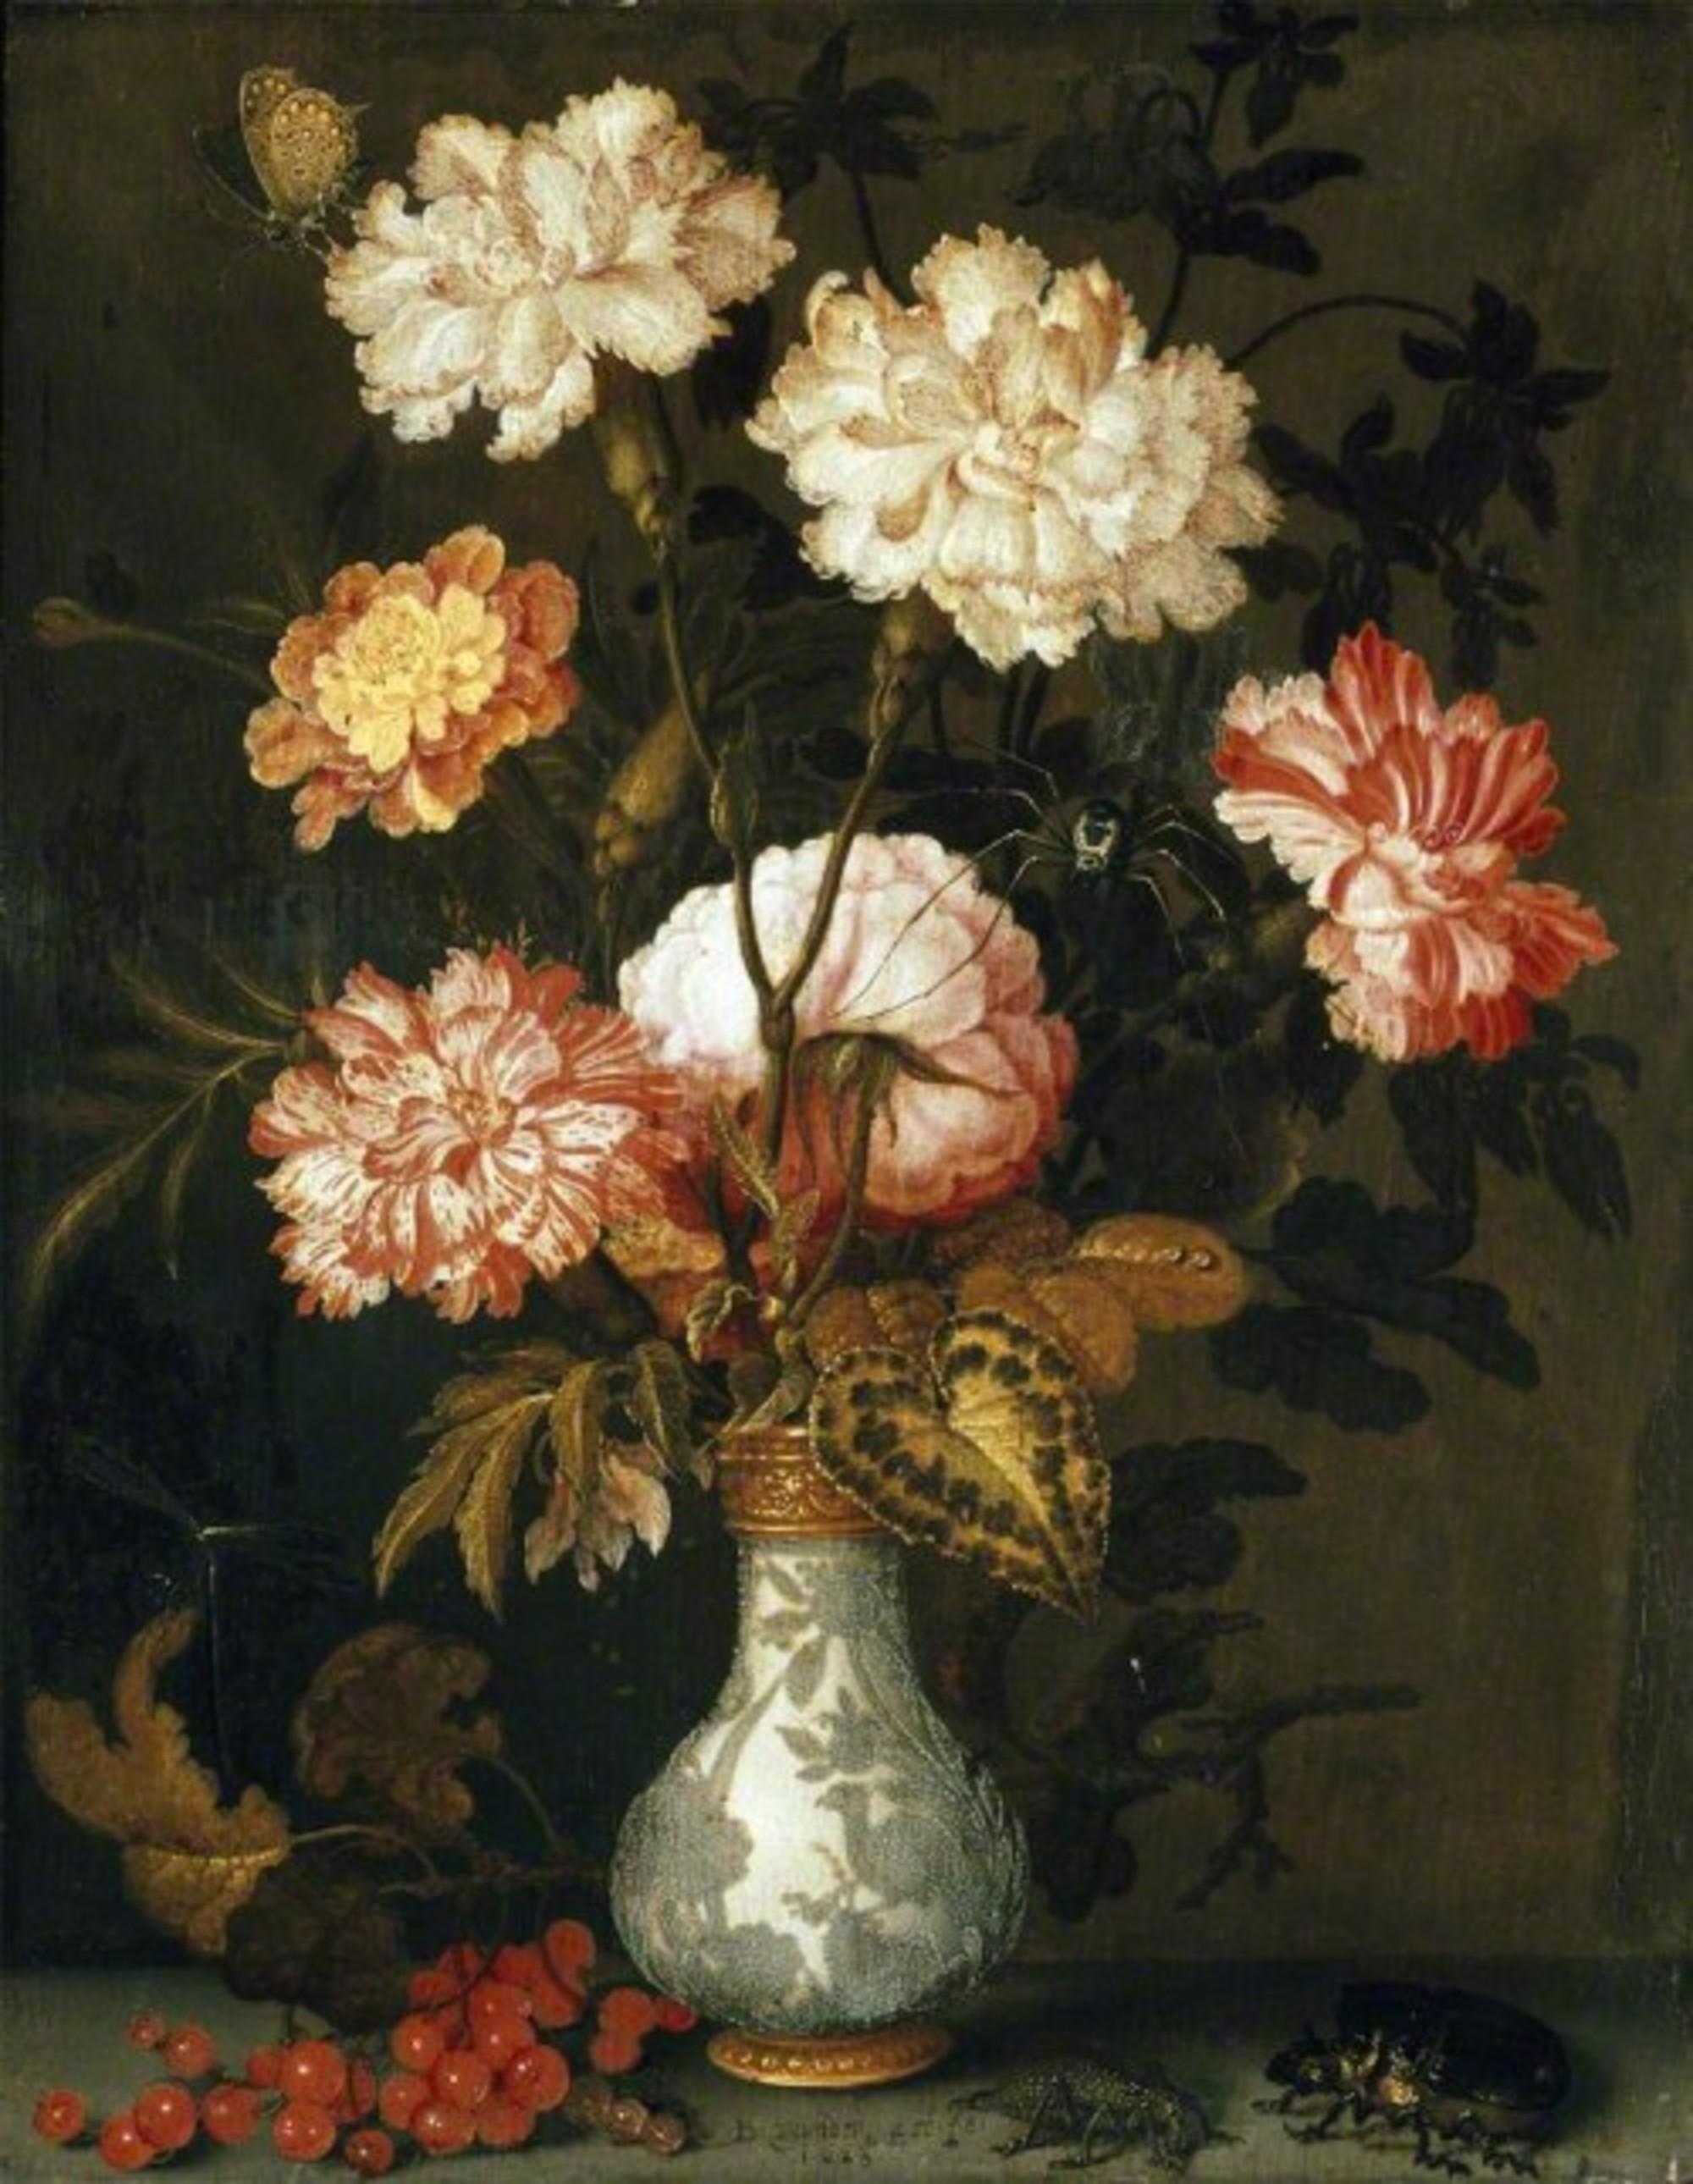 Balthasar-van-der-Ast---A-Vase-of-Flowers-15763255923.jpg